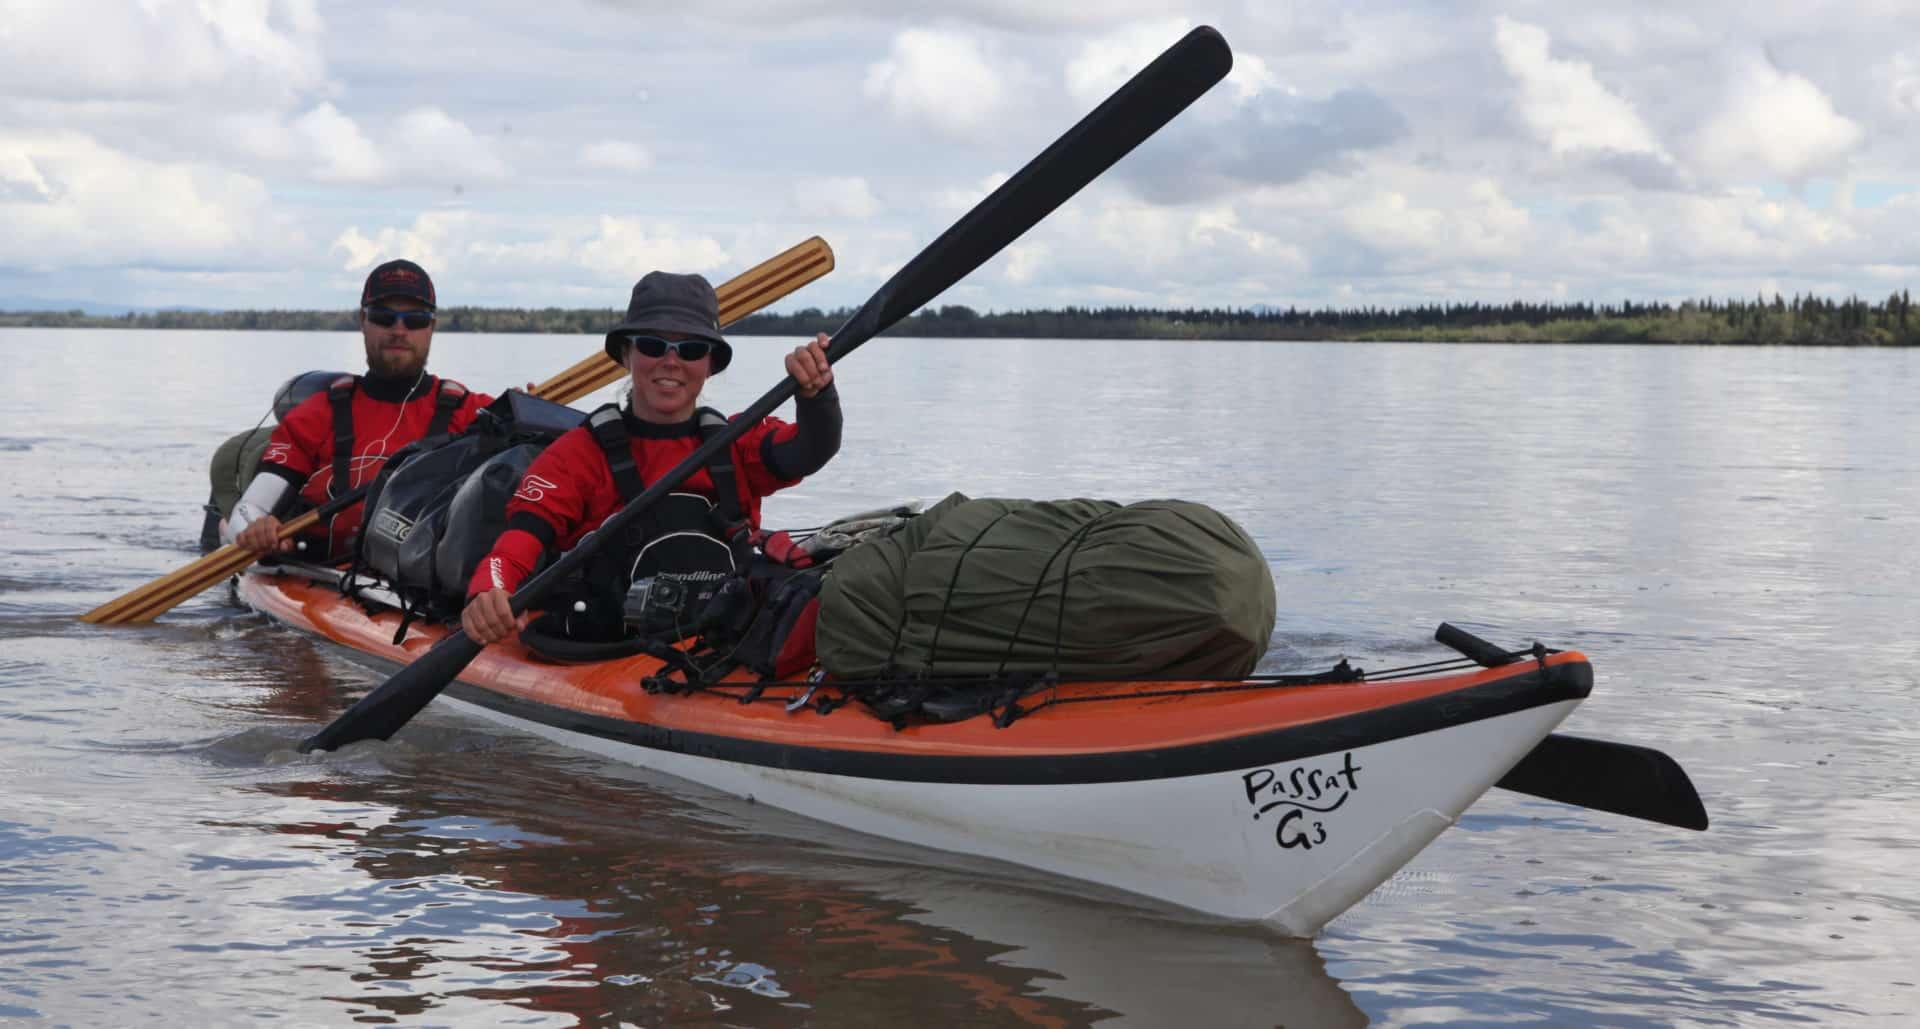 Anmeldelse: Gram kajak delbar pagajer, Yukon River